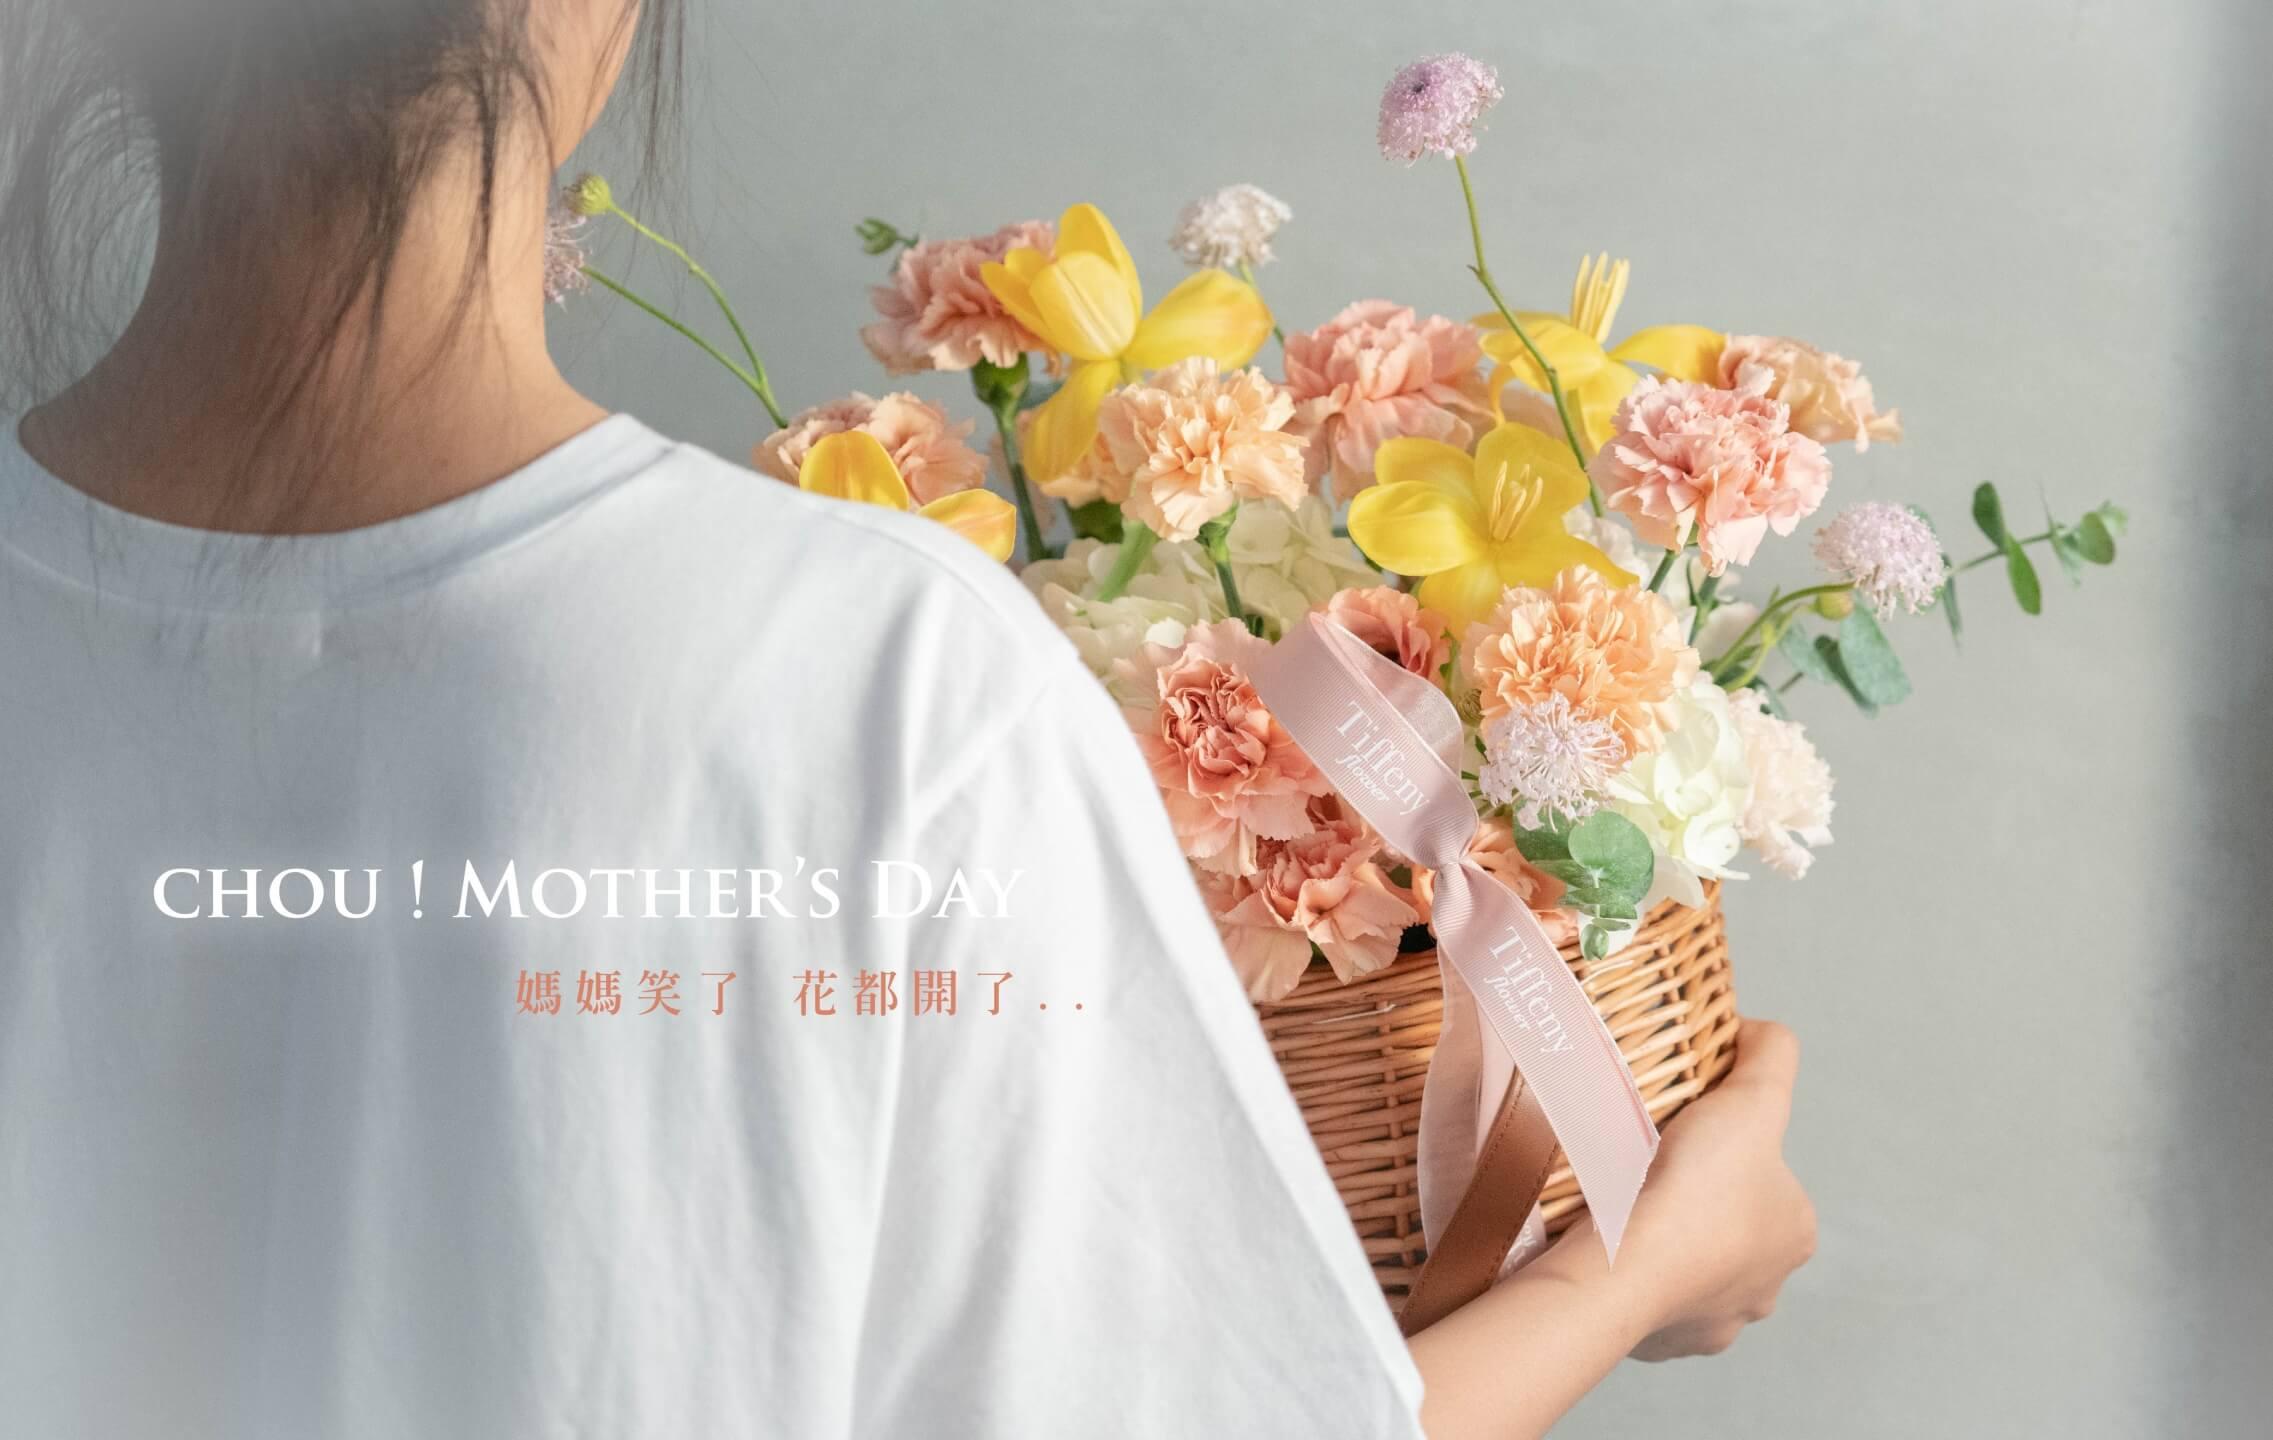 台中花店-母親節花束-提籃花